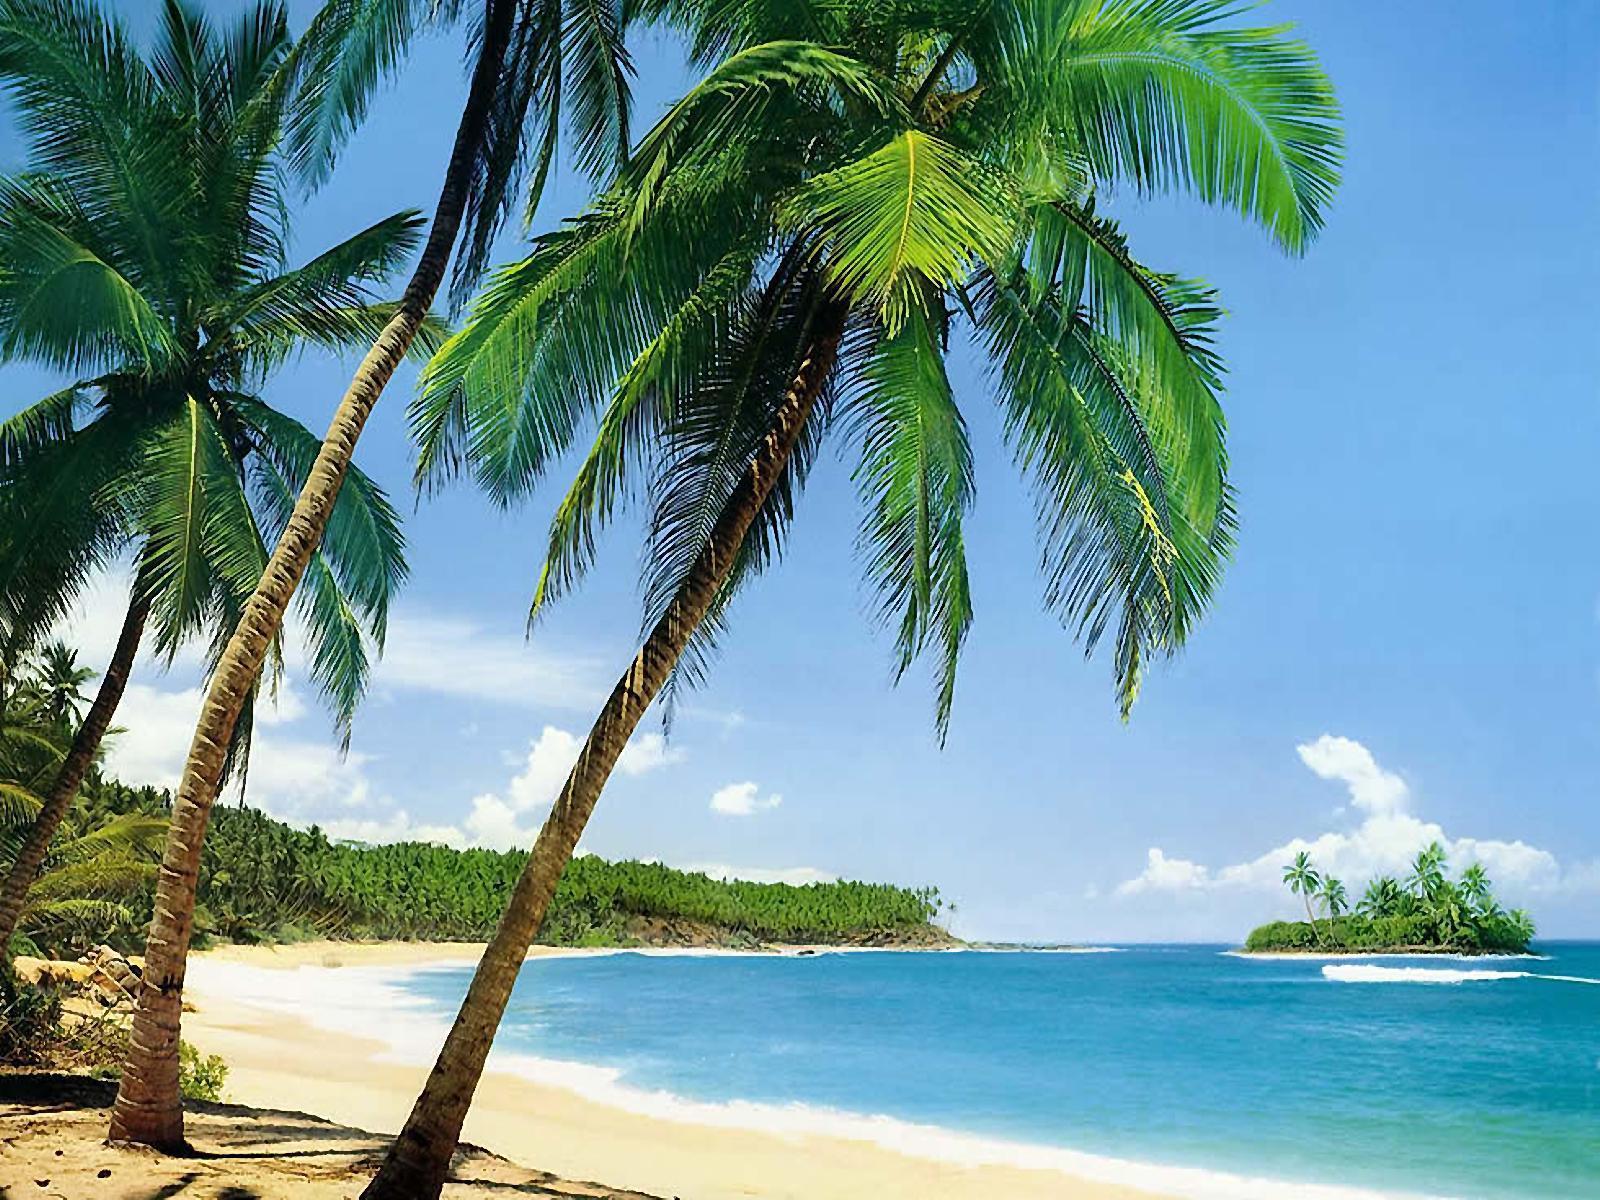 10866 скачать обои Море, Пейзаж, Пляж, Пальмы, Лето - заставки и картинки бесплатно